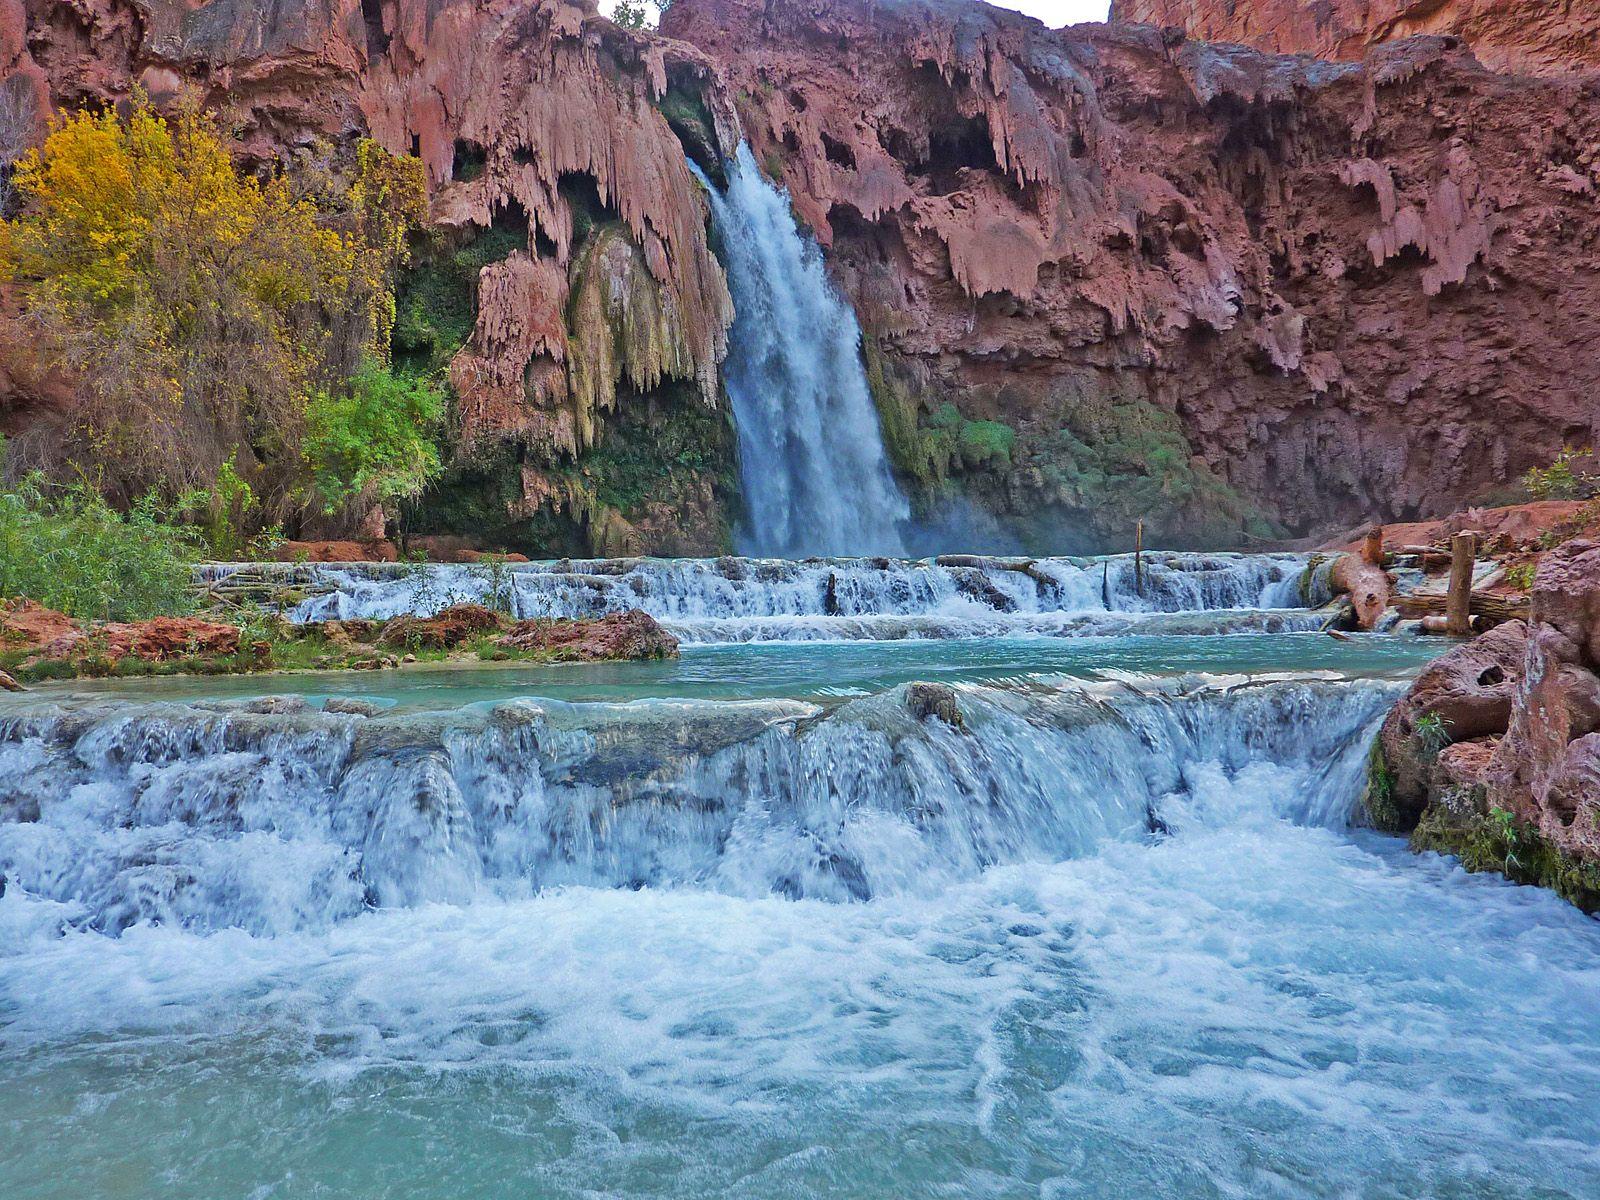 Каскад водопада хавасу